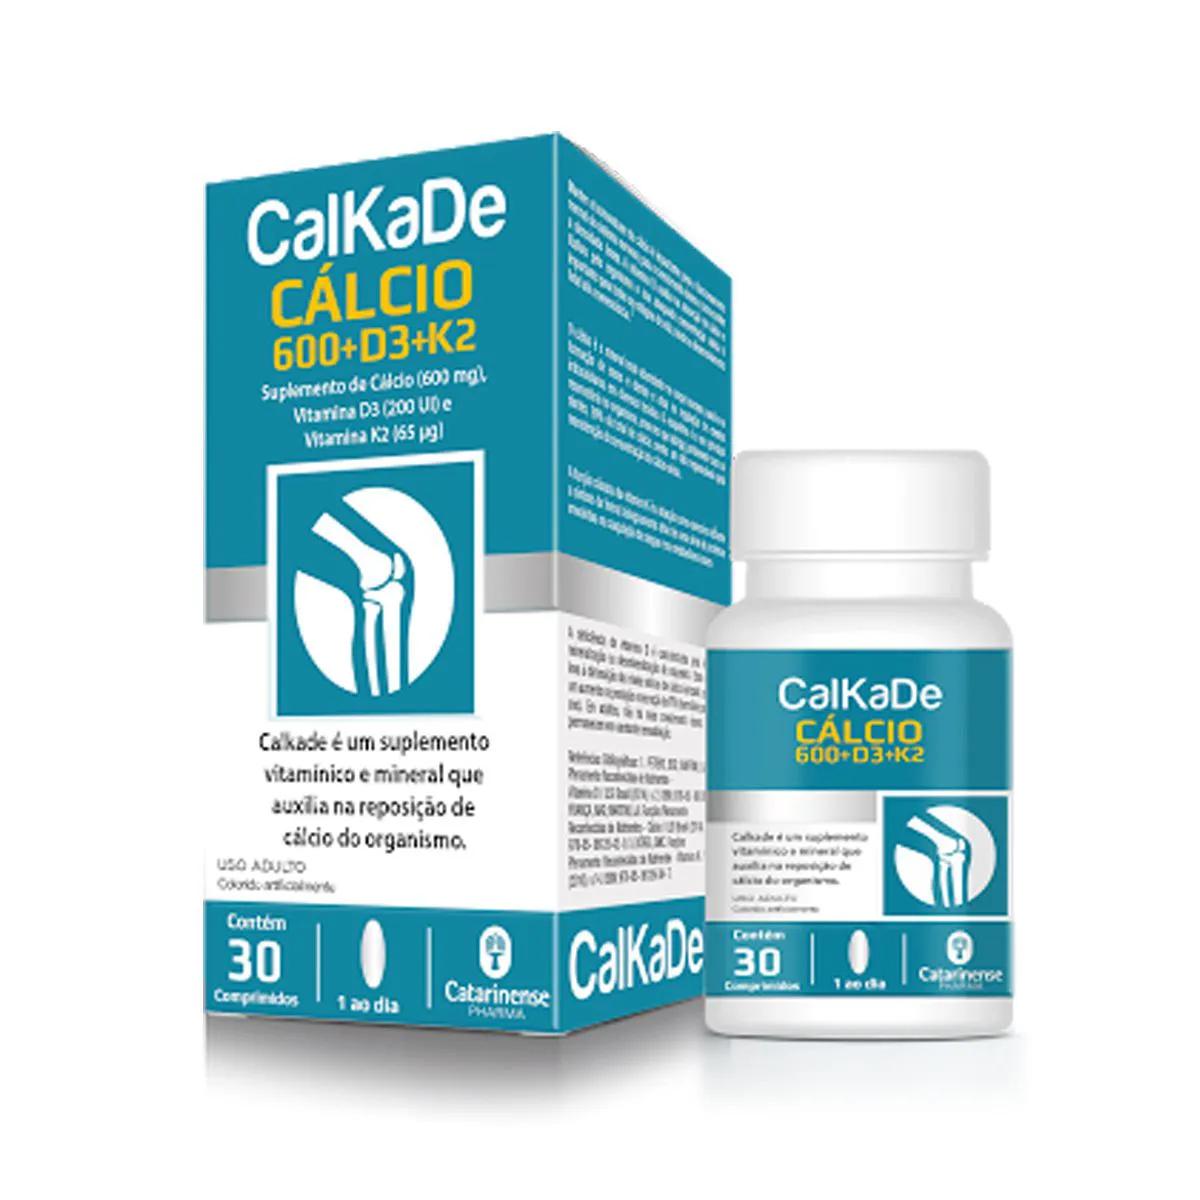 Calkade 600mg 30 Cápsulas - Catarinense